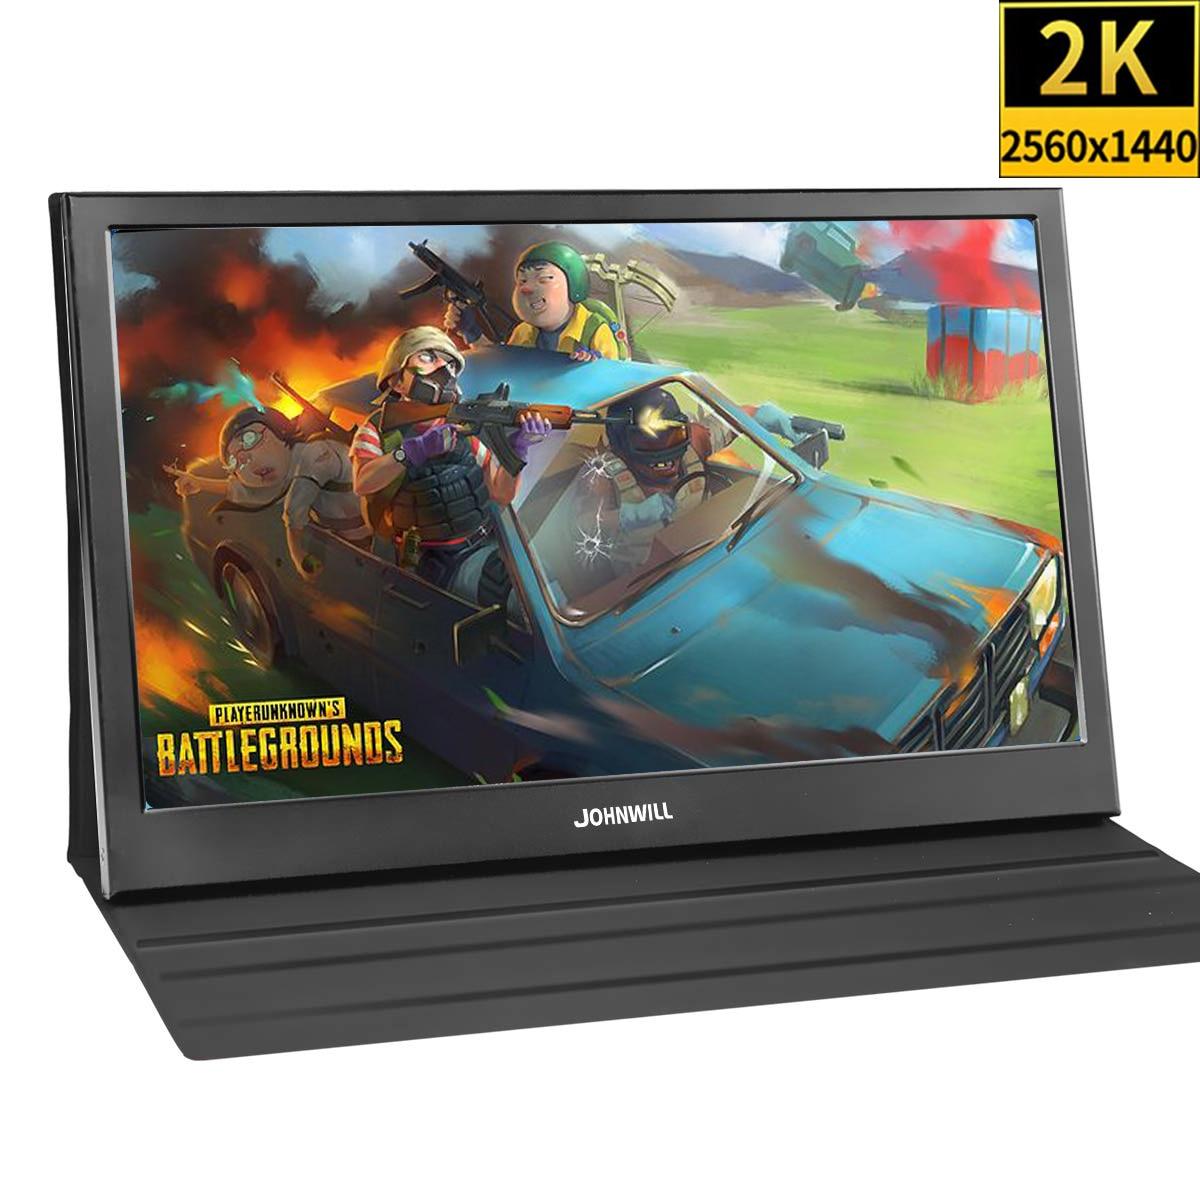 13.3 pouces 2K moniteur Portable pour PS4 gagne 7 8 10 Full HD 2560X1440 IPS écran Ultra mince + 2 Interface HDMI avec étui